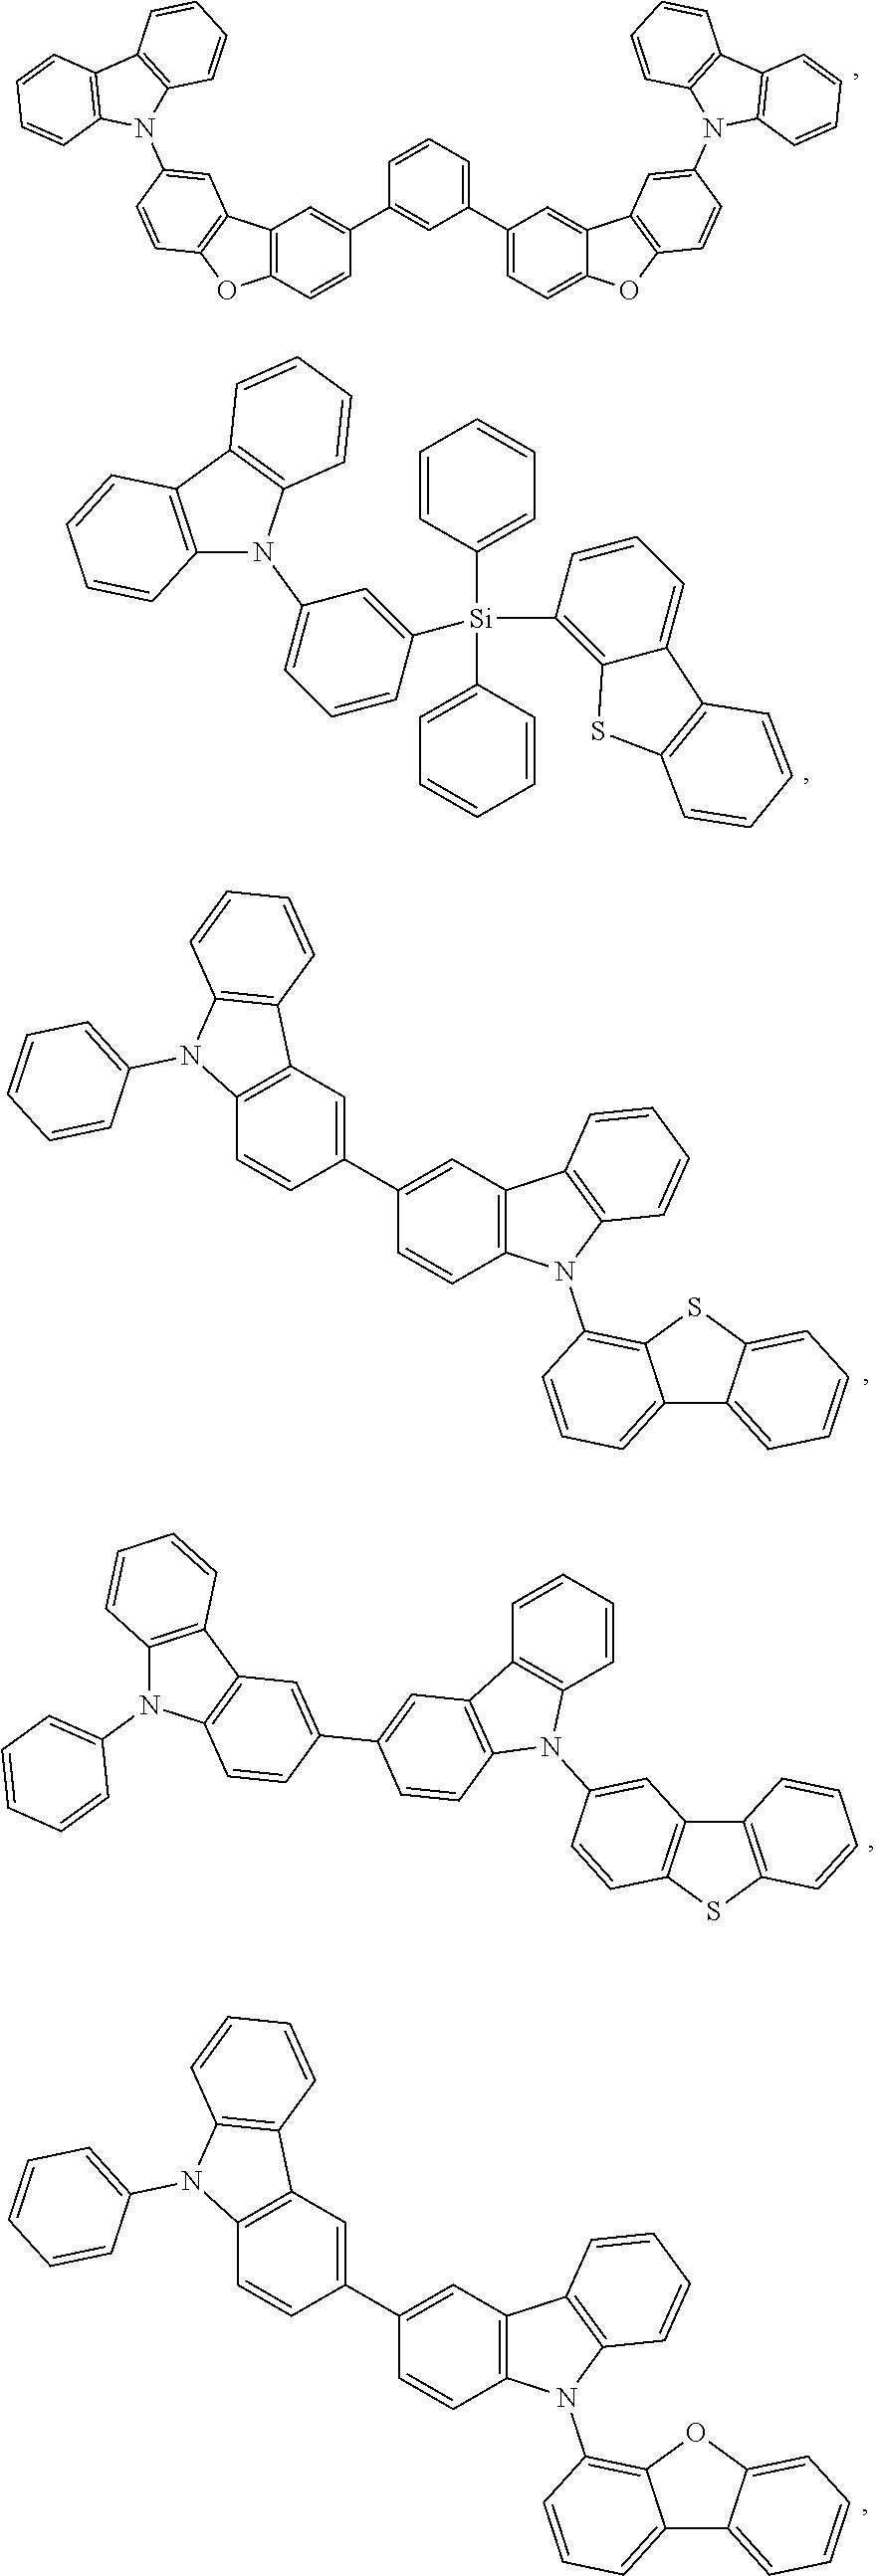 Figure US20190161504A1-20190530-C00050